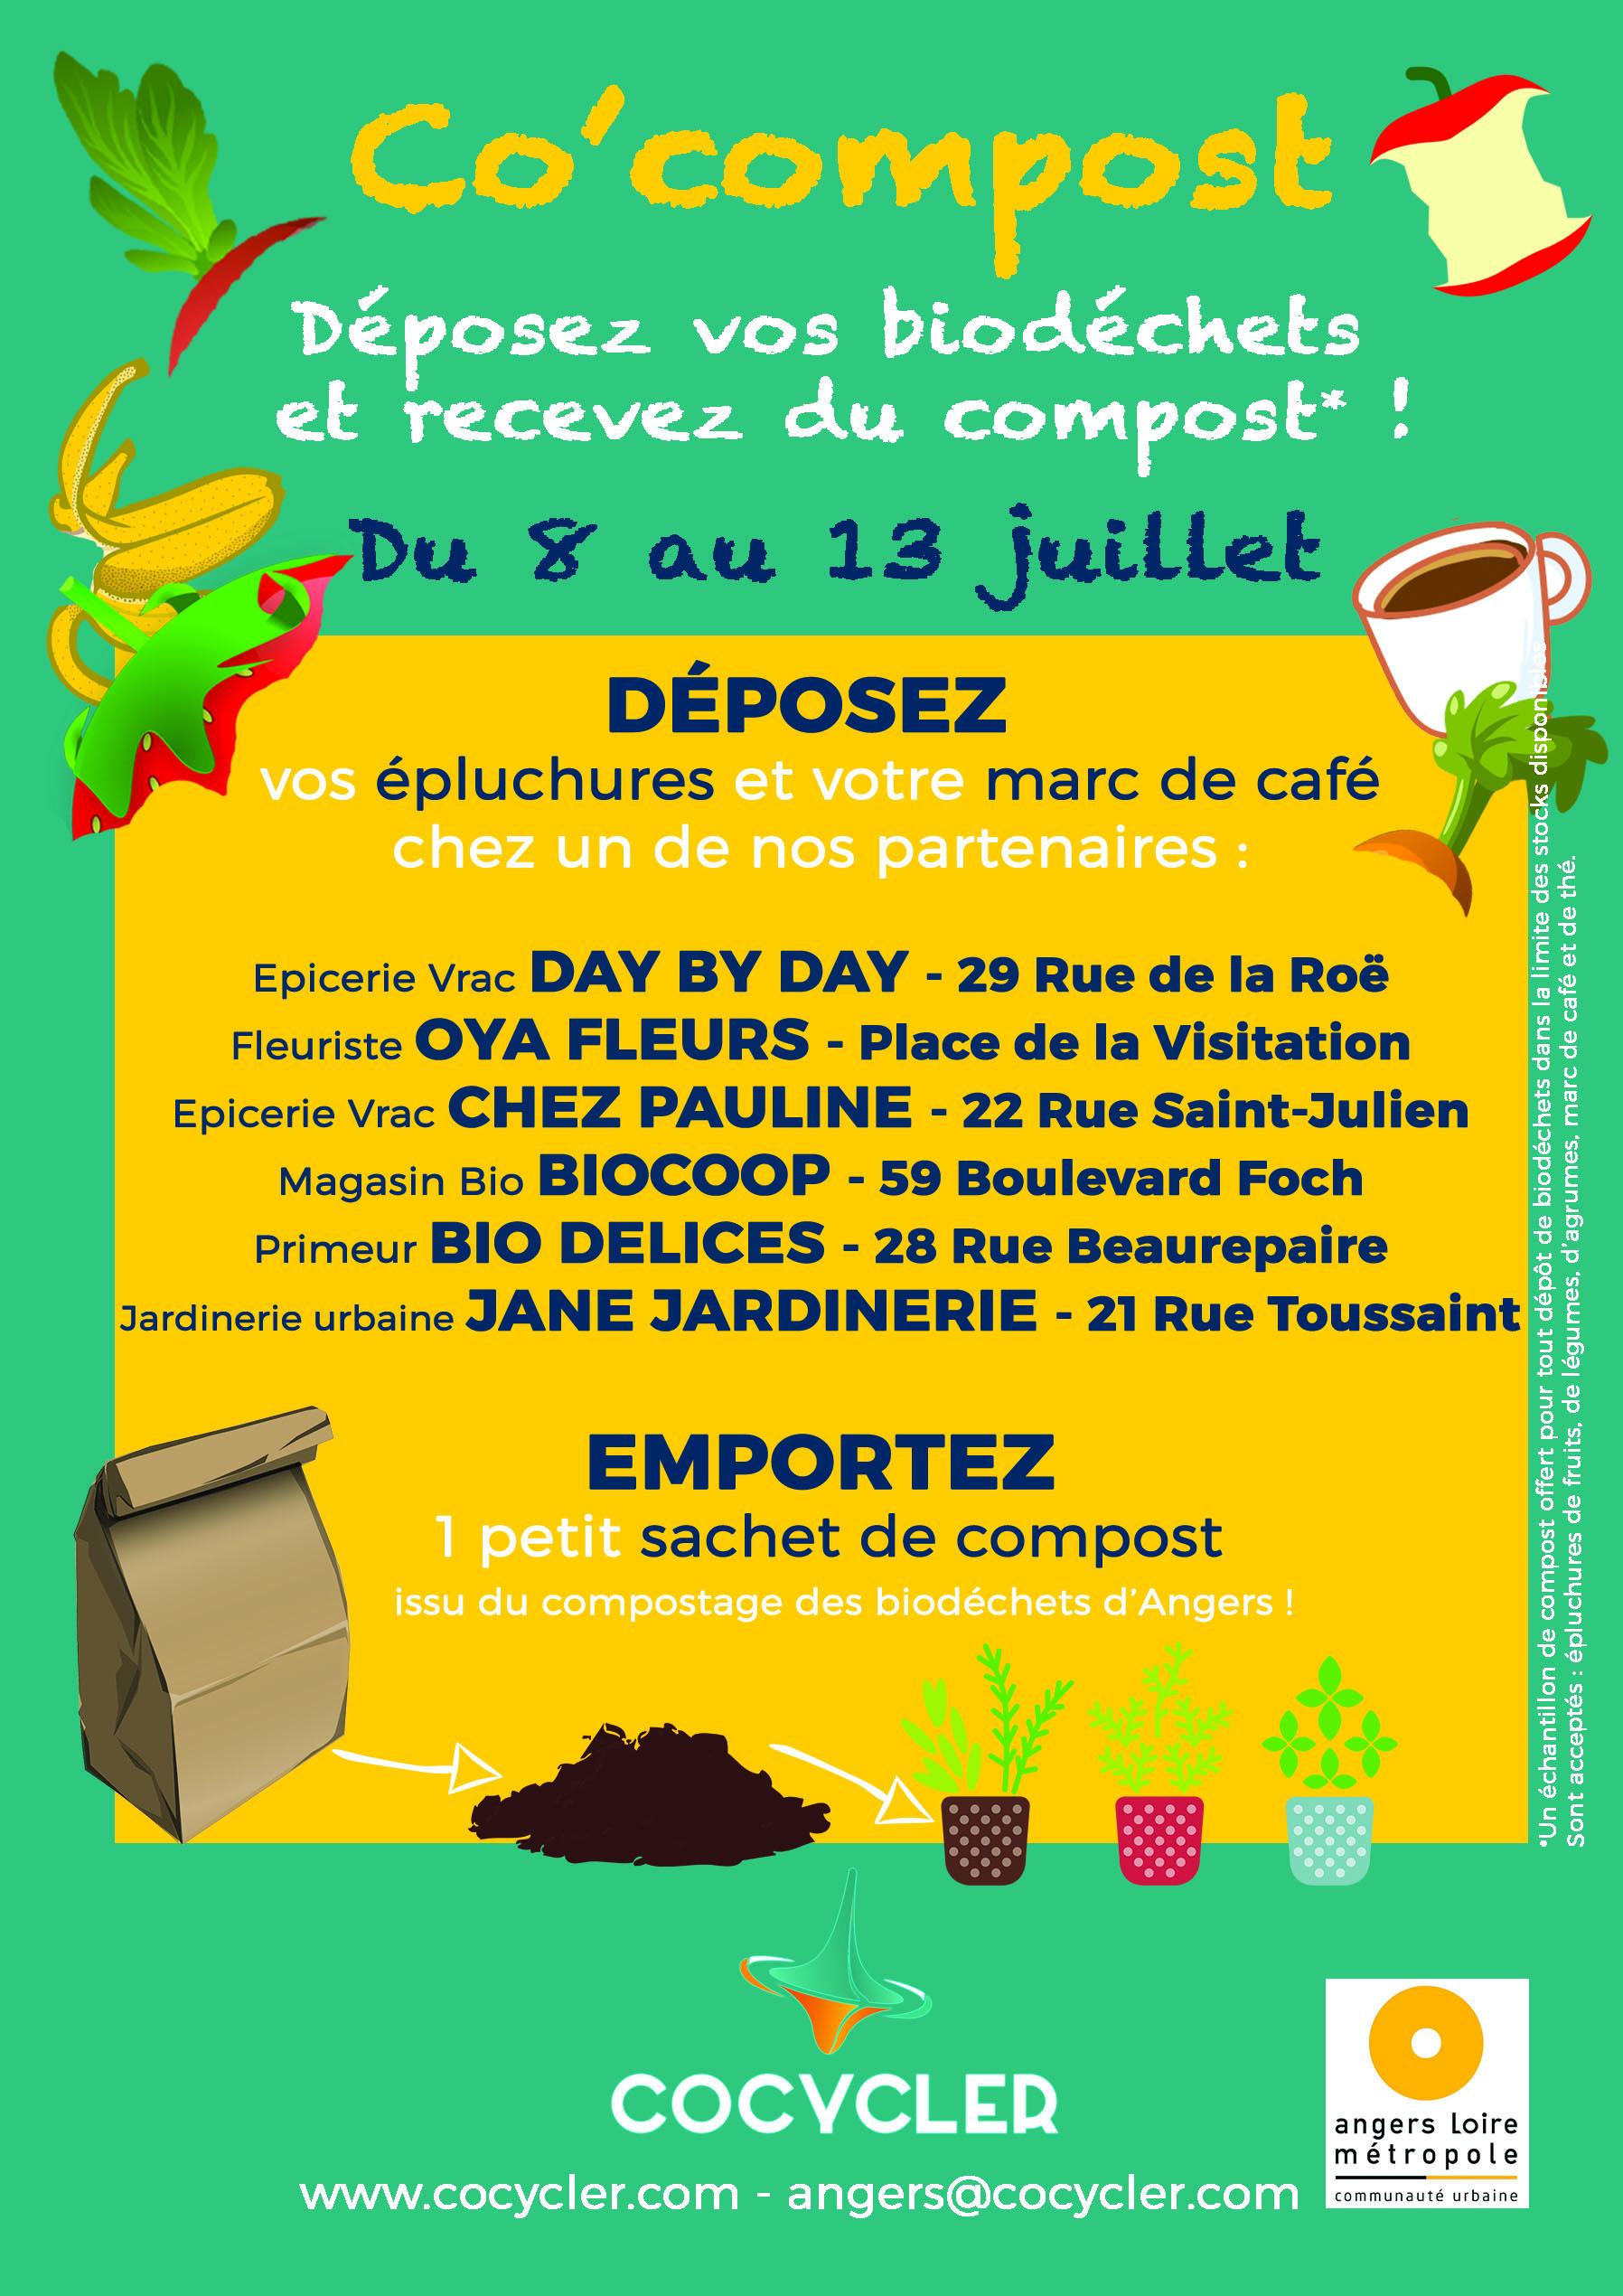 Co'compost II : 1 semaine6 lieux pour déposer ses biodéchets - Du 8 au 13 juillet, les angevins ont déposés leurs biodéchets (épluchures de fruits, de légumes, marc de café et de thé) chez nos commerçants partenaires :Jardinerie urbaine JANE JARDINERIE - 21 Rue ToussaintEpicerie Vrac DAY BY DAY - 29 Rue de la RoëEpicerie Vrac CHEZ PAULINE - 22 Rue Saint-JulienMagasin Bio BIOCOOP - 59 Boulevard FochPrimeur BIO DELICES - 28 Rue BeaurepaireFleuriste OYA FLEURS - Place de la VisitationTrier et déposer ses biodéchets c'est valoriser les déchets organiques en compost et leur éviter l'enfouissement ou l'incinération.Les biodéchets collectés en vélo ou en véhicule électrique par notre partenaire K'liveo sont ensuite compostés chez La Ferme du Clos Frémur !Expérimentons ensemble les solutions durables de gestion et de valorisation des déchets à Angers !Prochain RDV cet automne :)